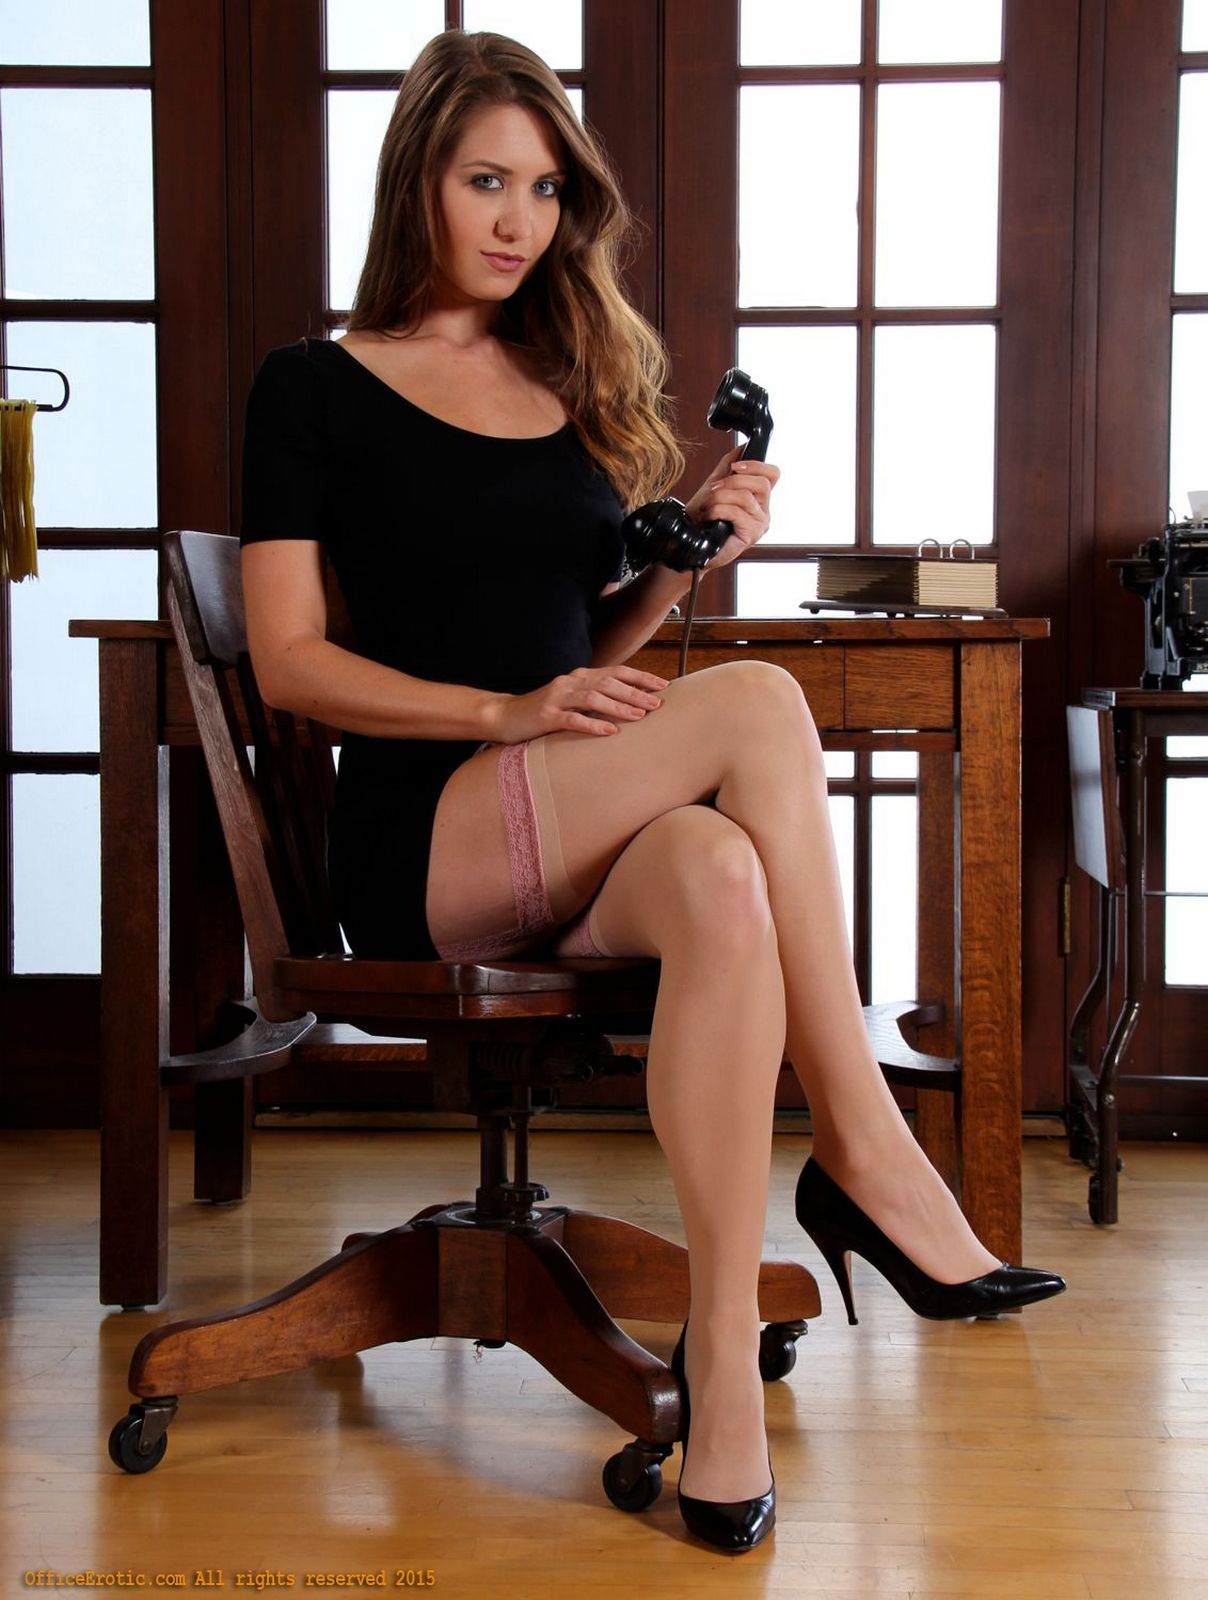 Elastic Body Stocks Women Lace Teddy Underwear Sleepwear Babydoll Sexy Lingerie